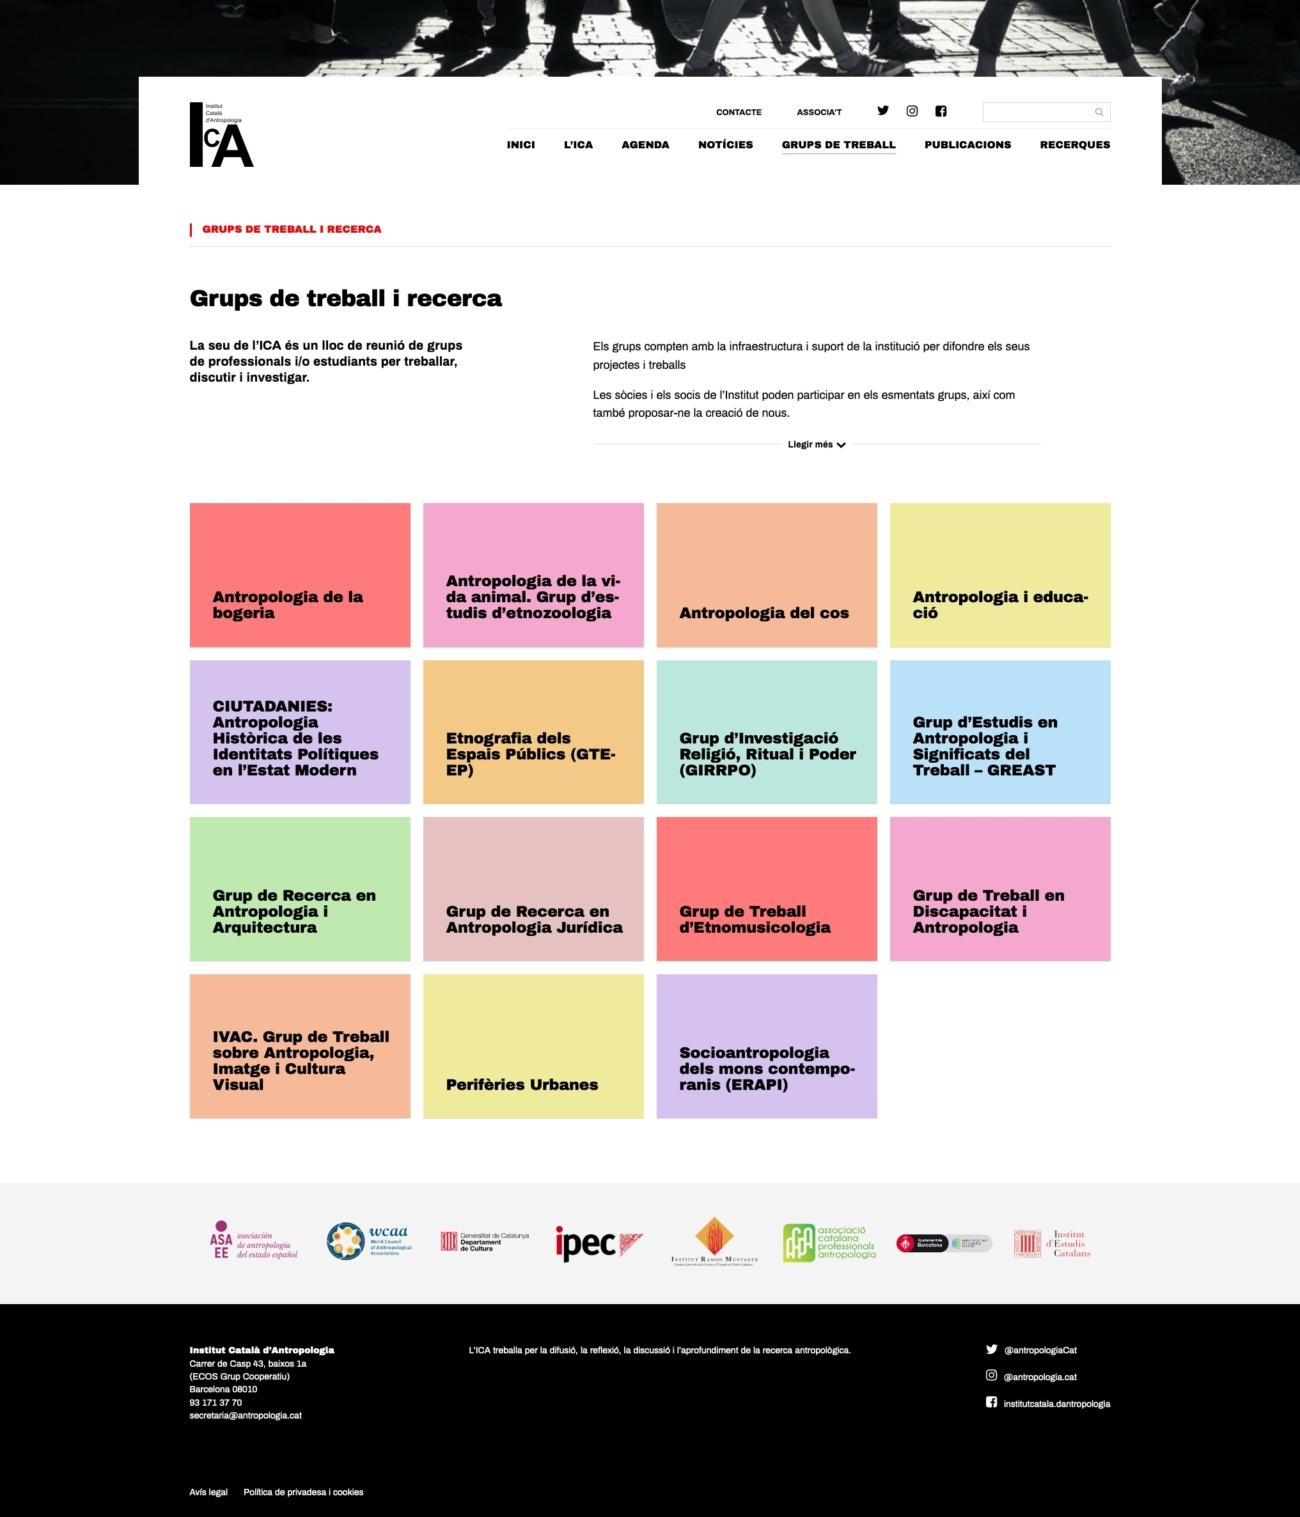 Captura de pantalla del llistat de grups de recercade la web de l'ICA